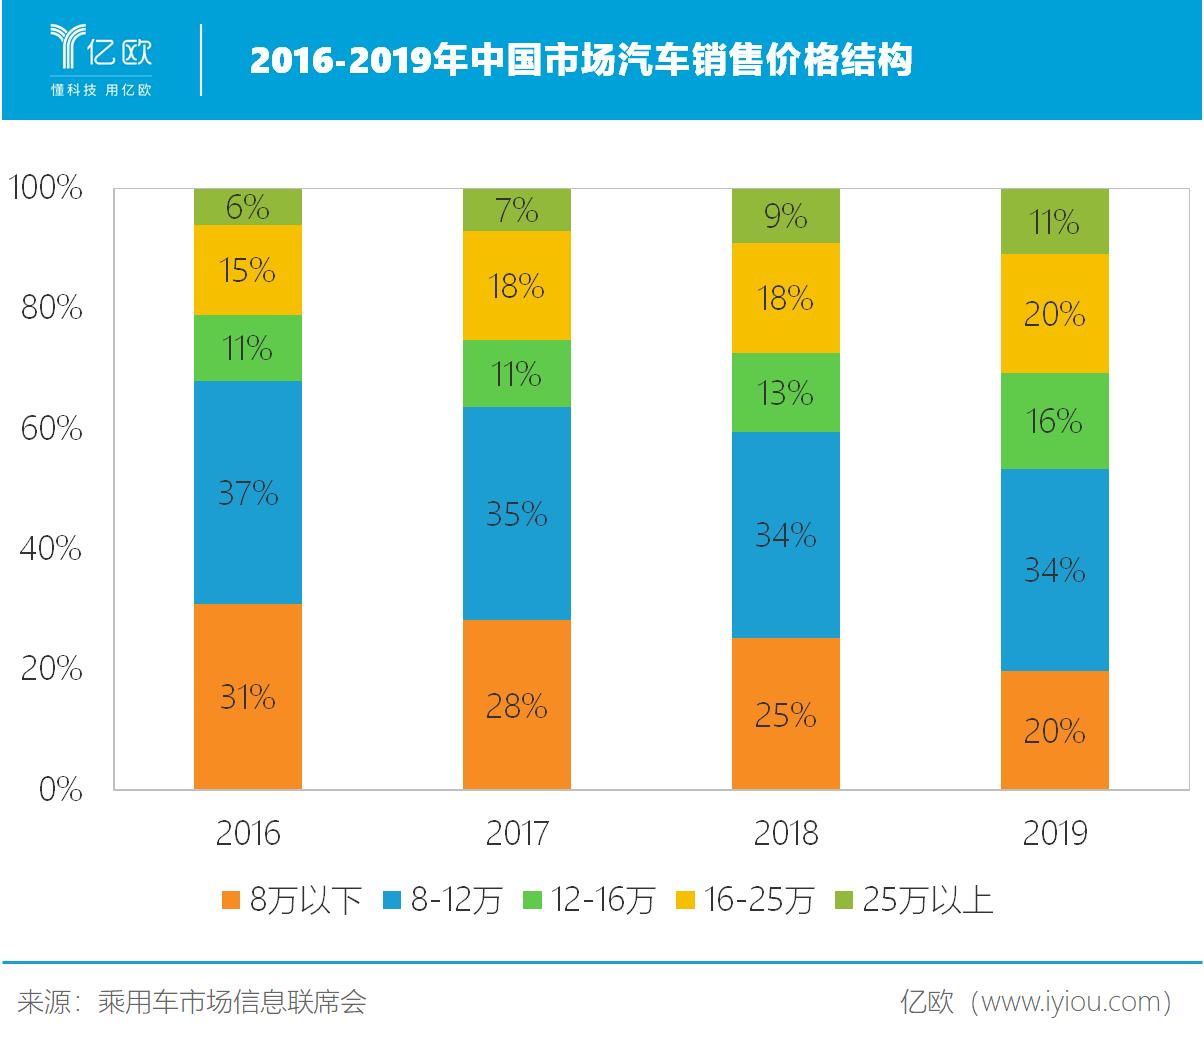 2016-2019年中国市场汽车销售价格结构